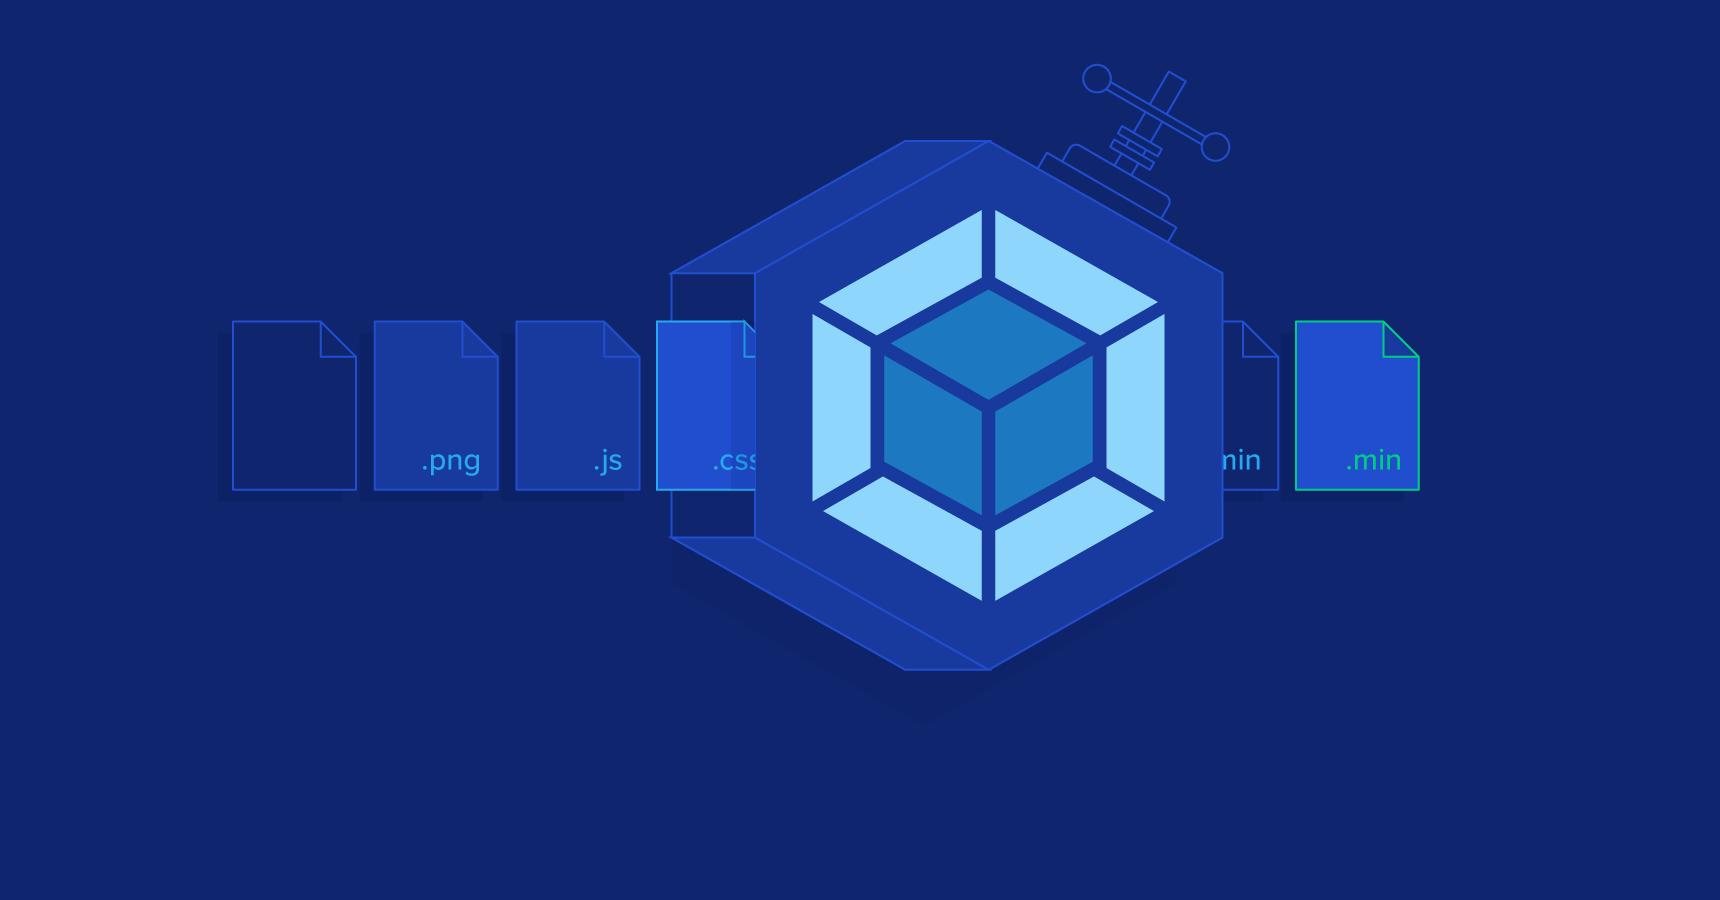 The Beginner's Guide to Webpack Dependencies | Toptal